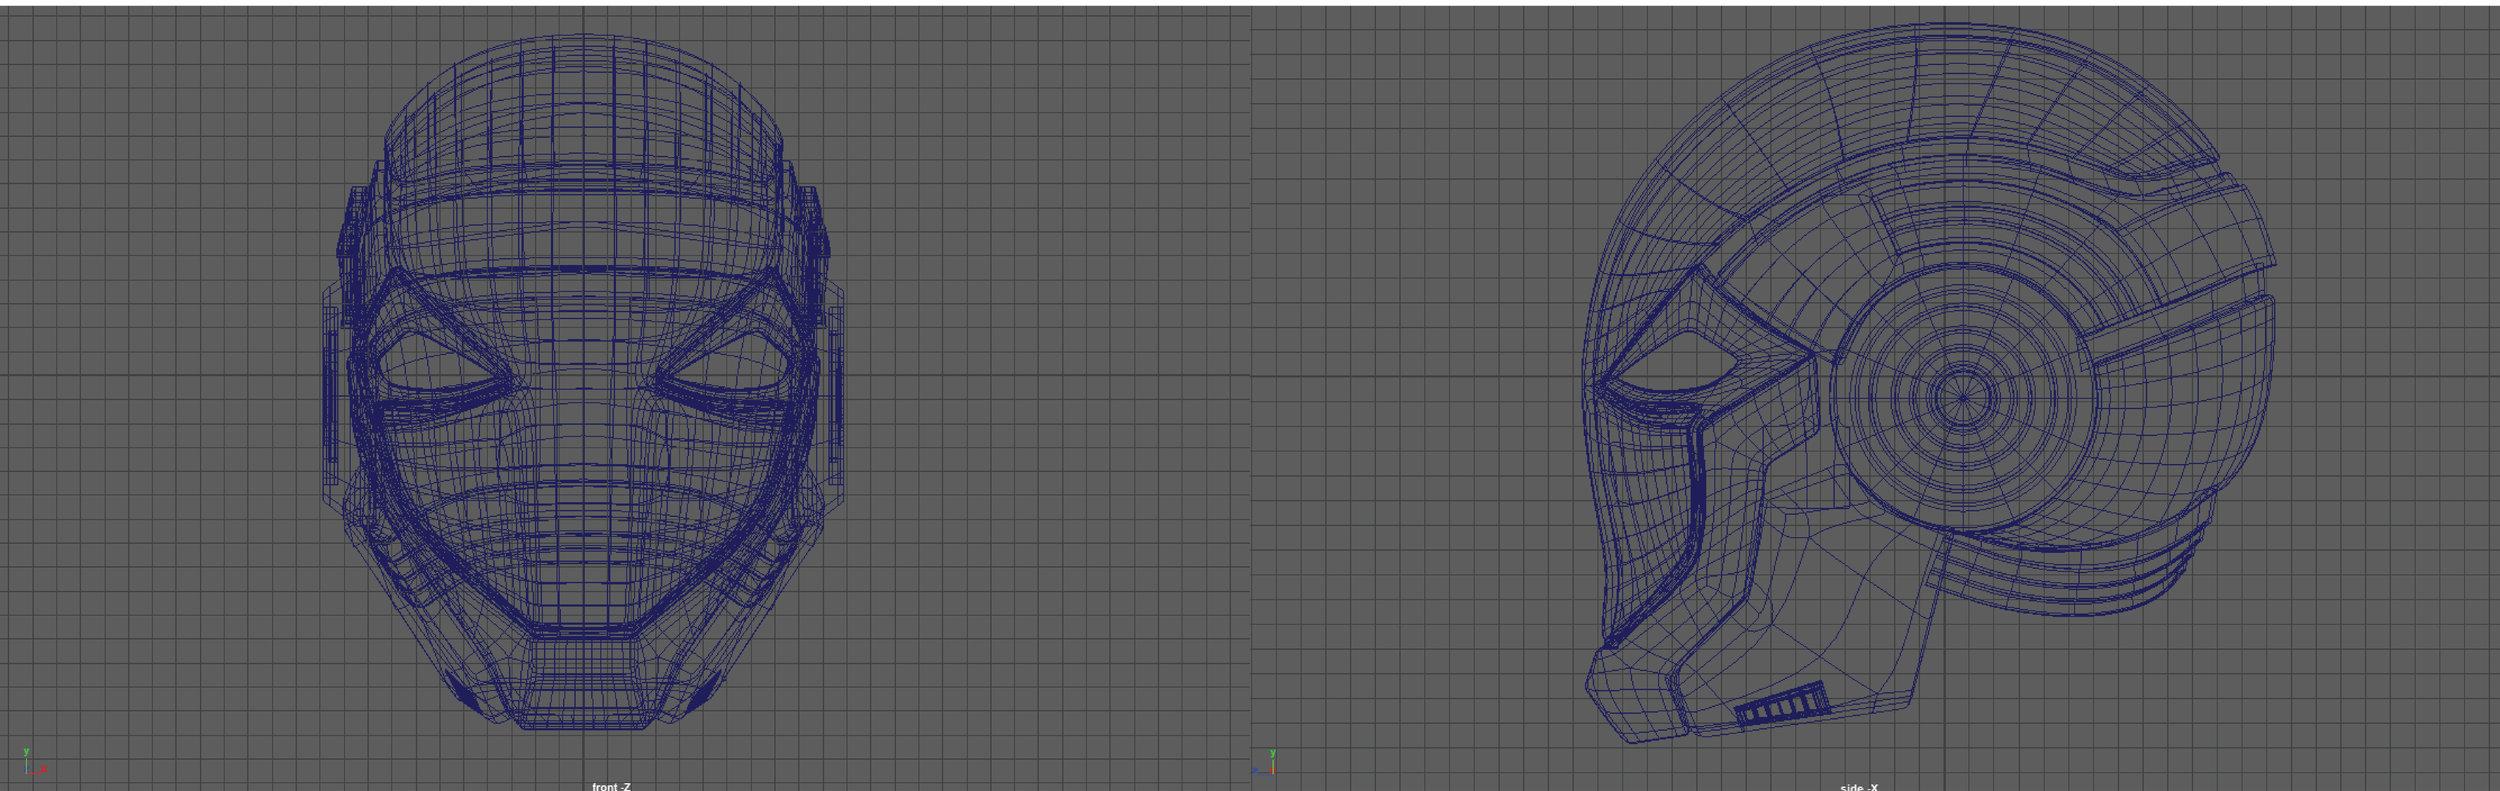 helmet-02.jpg